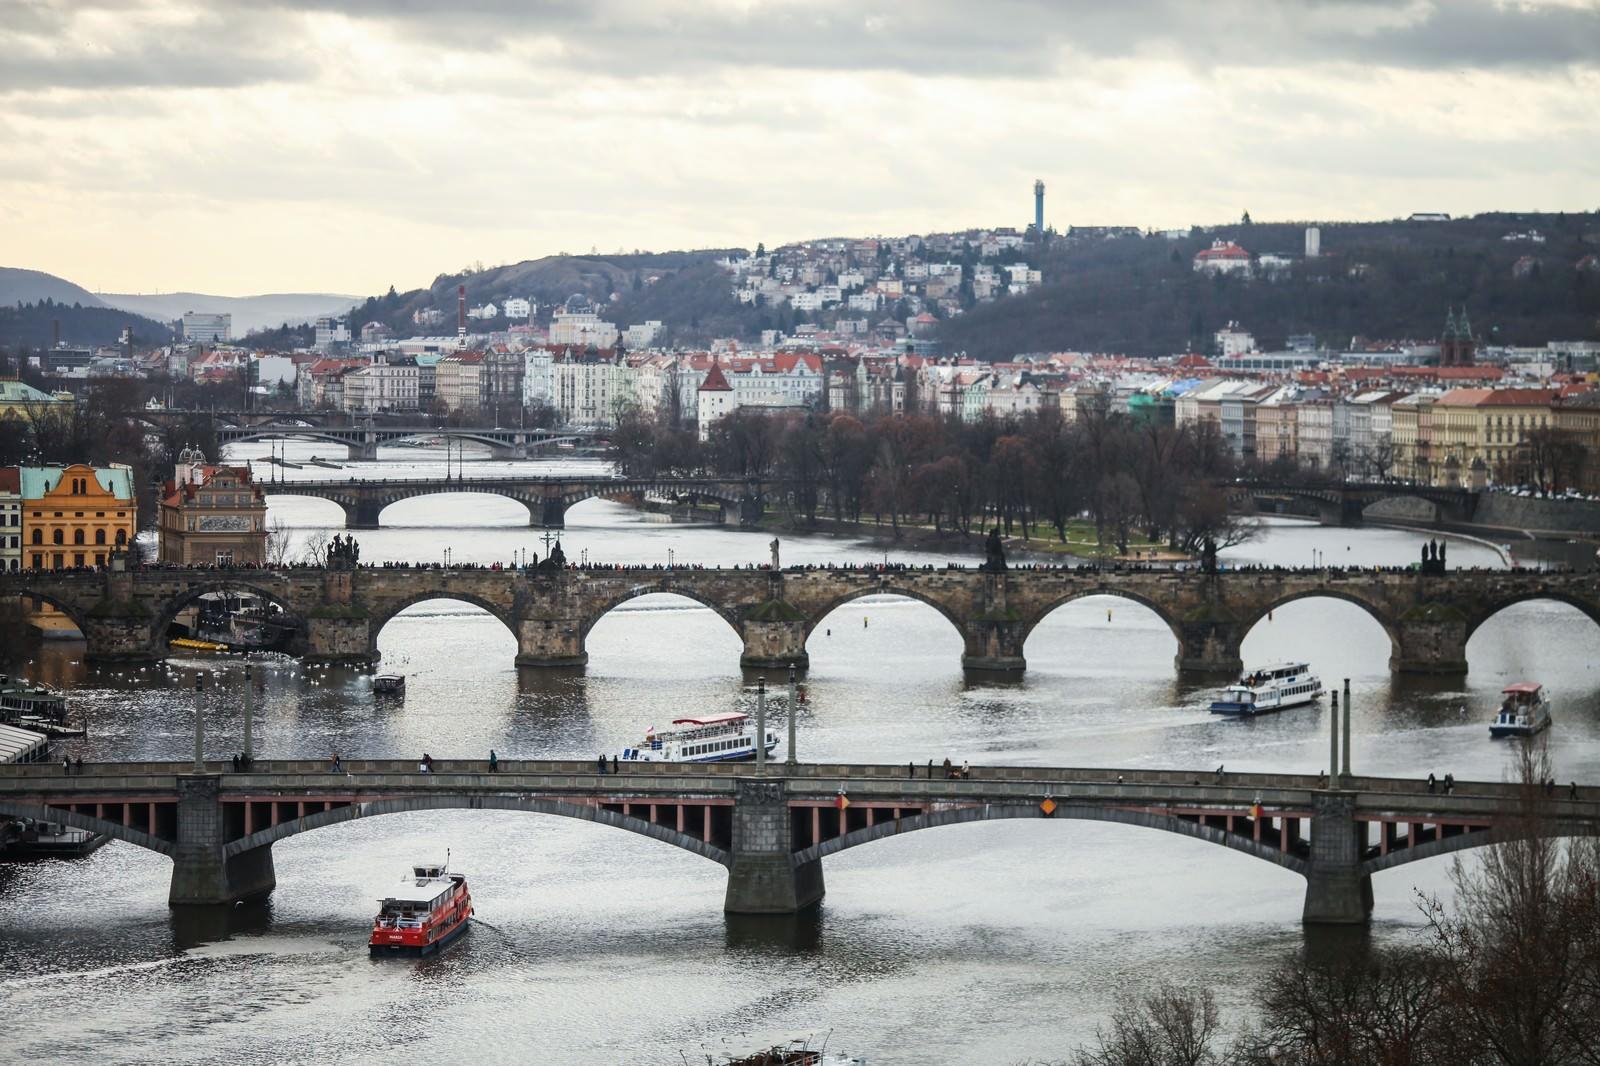 「チェコ・プラハの河川と街並み」の写真